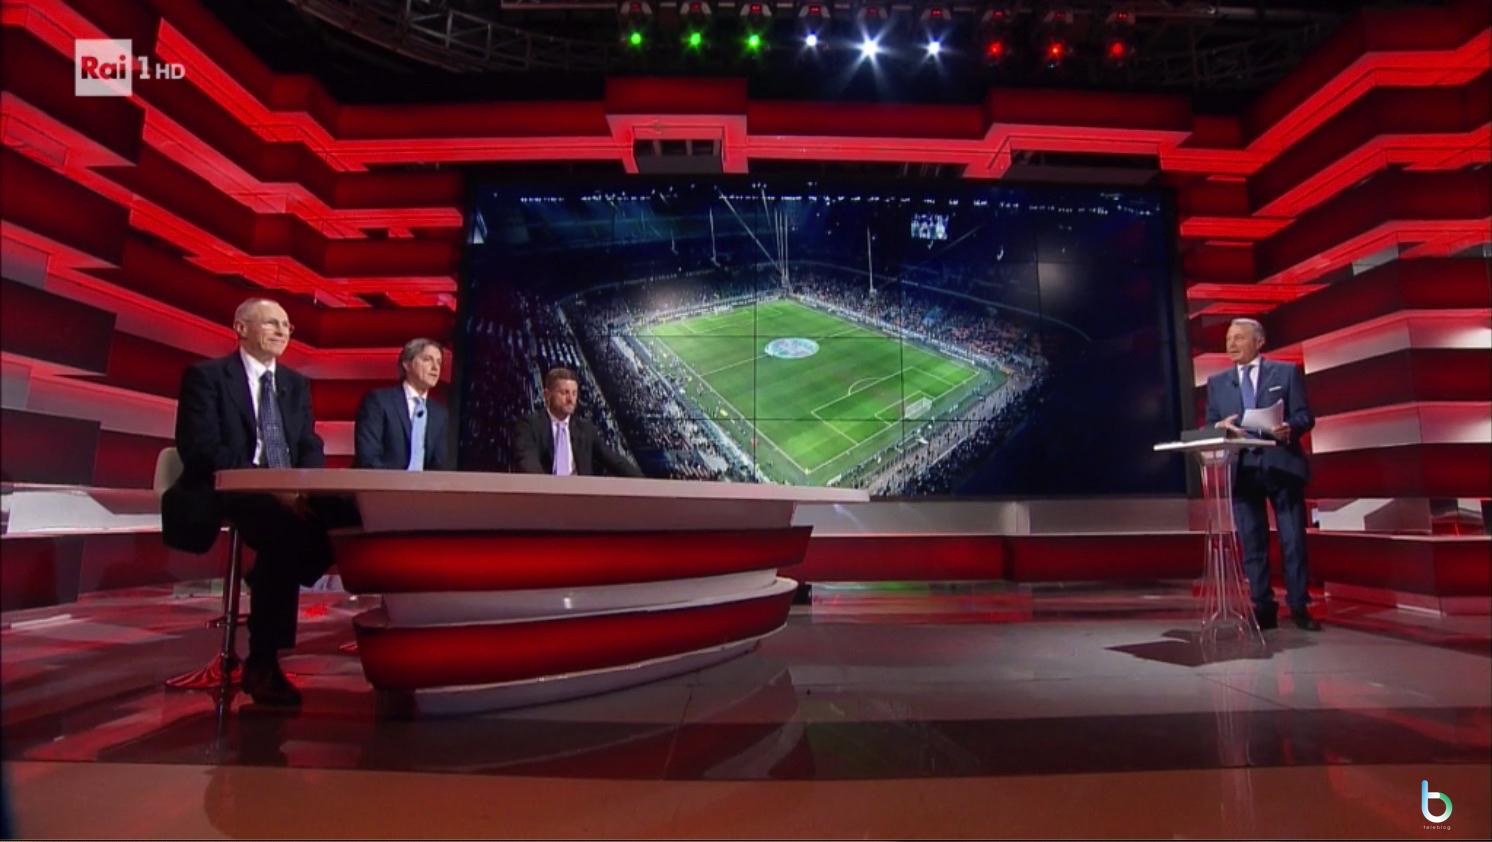 Ascolti tv 29 gennaio: ottimo risultato per Inter-Fiorentina, in crescita Chi vuol esser milionario